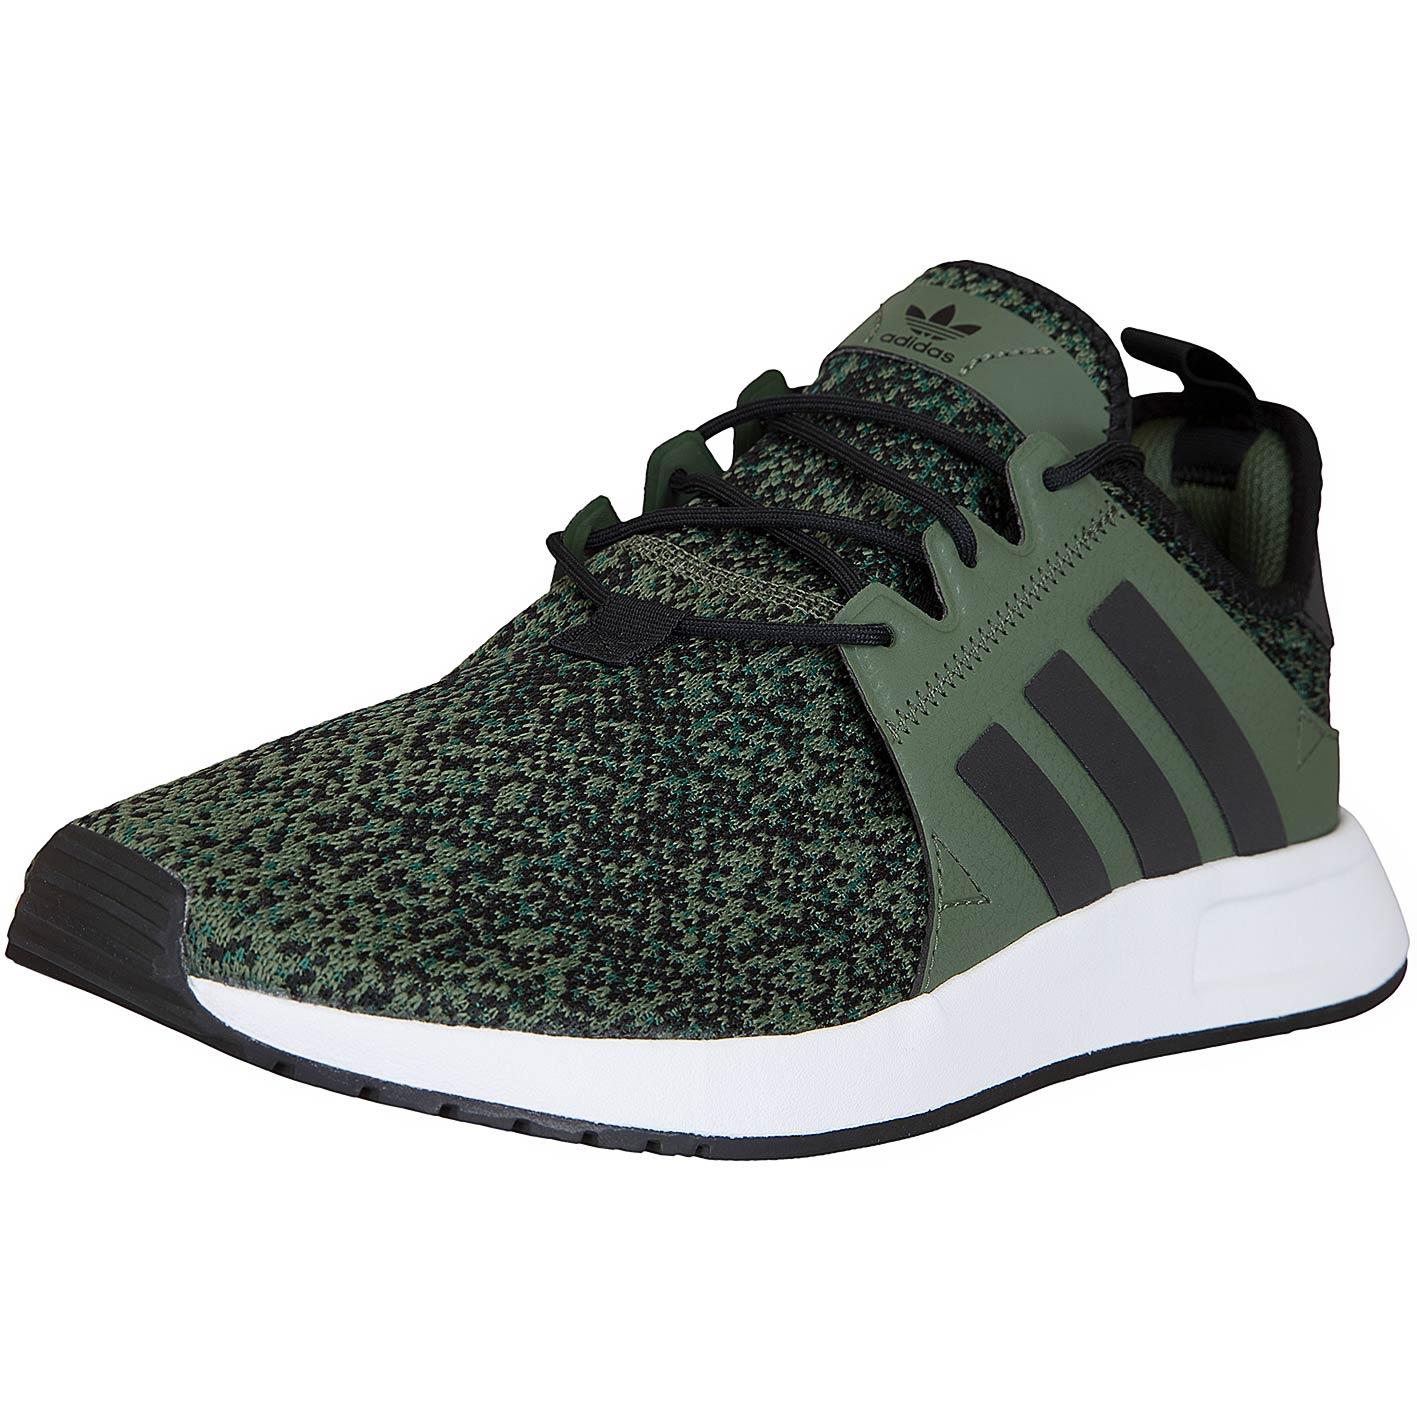 Suchergebnis auf für: adidas allround 80er: Schuhe